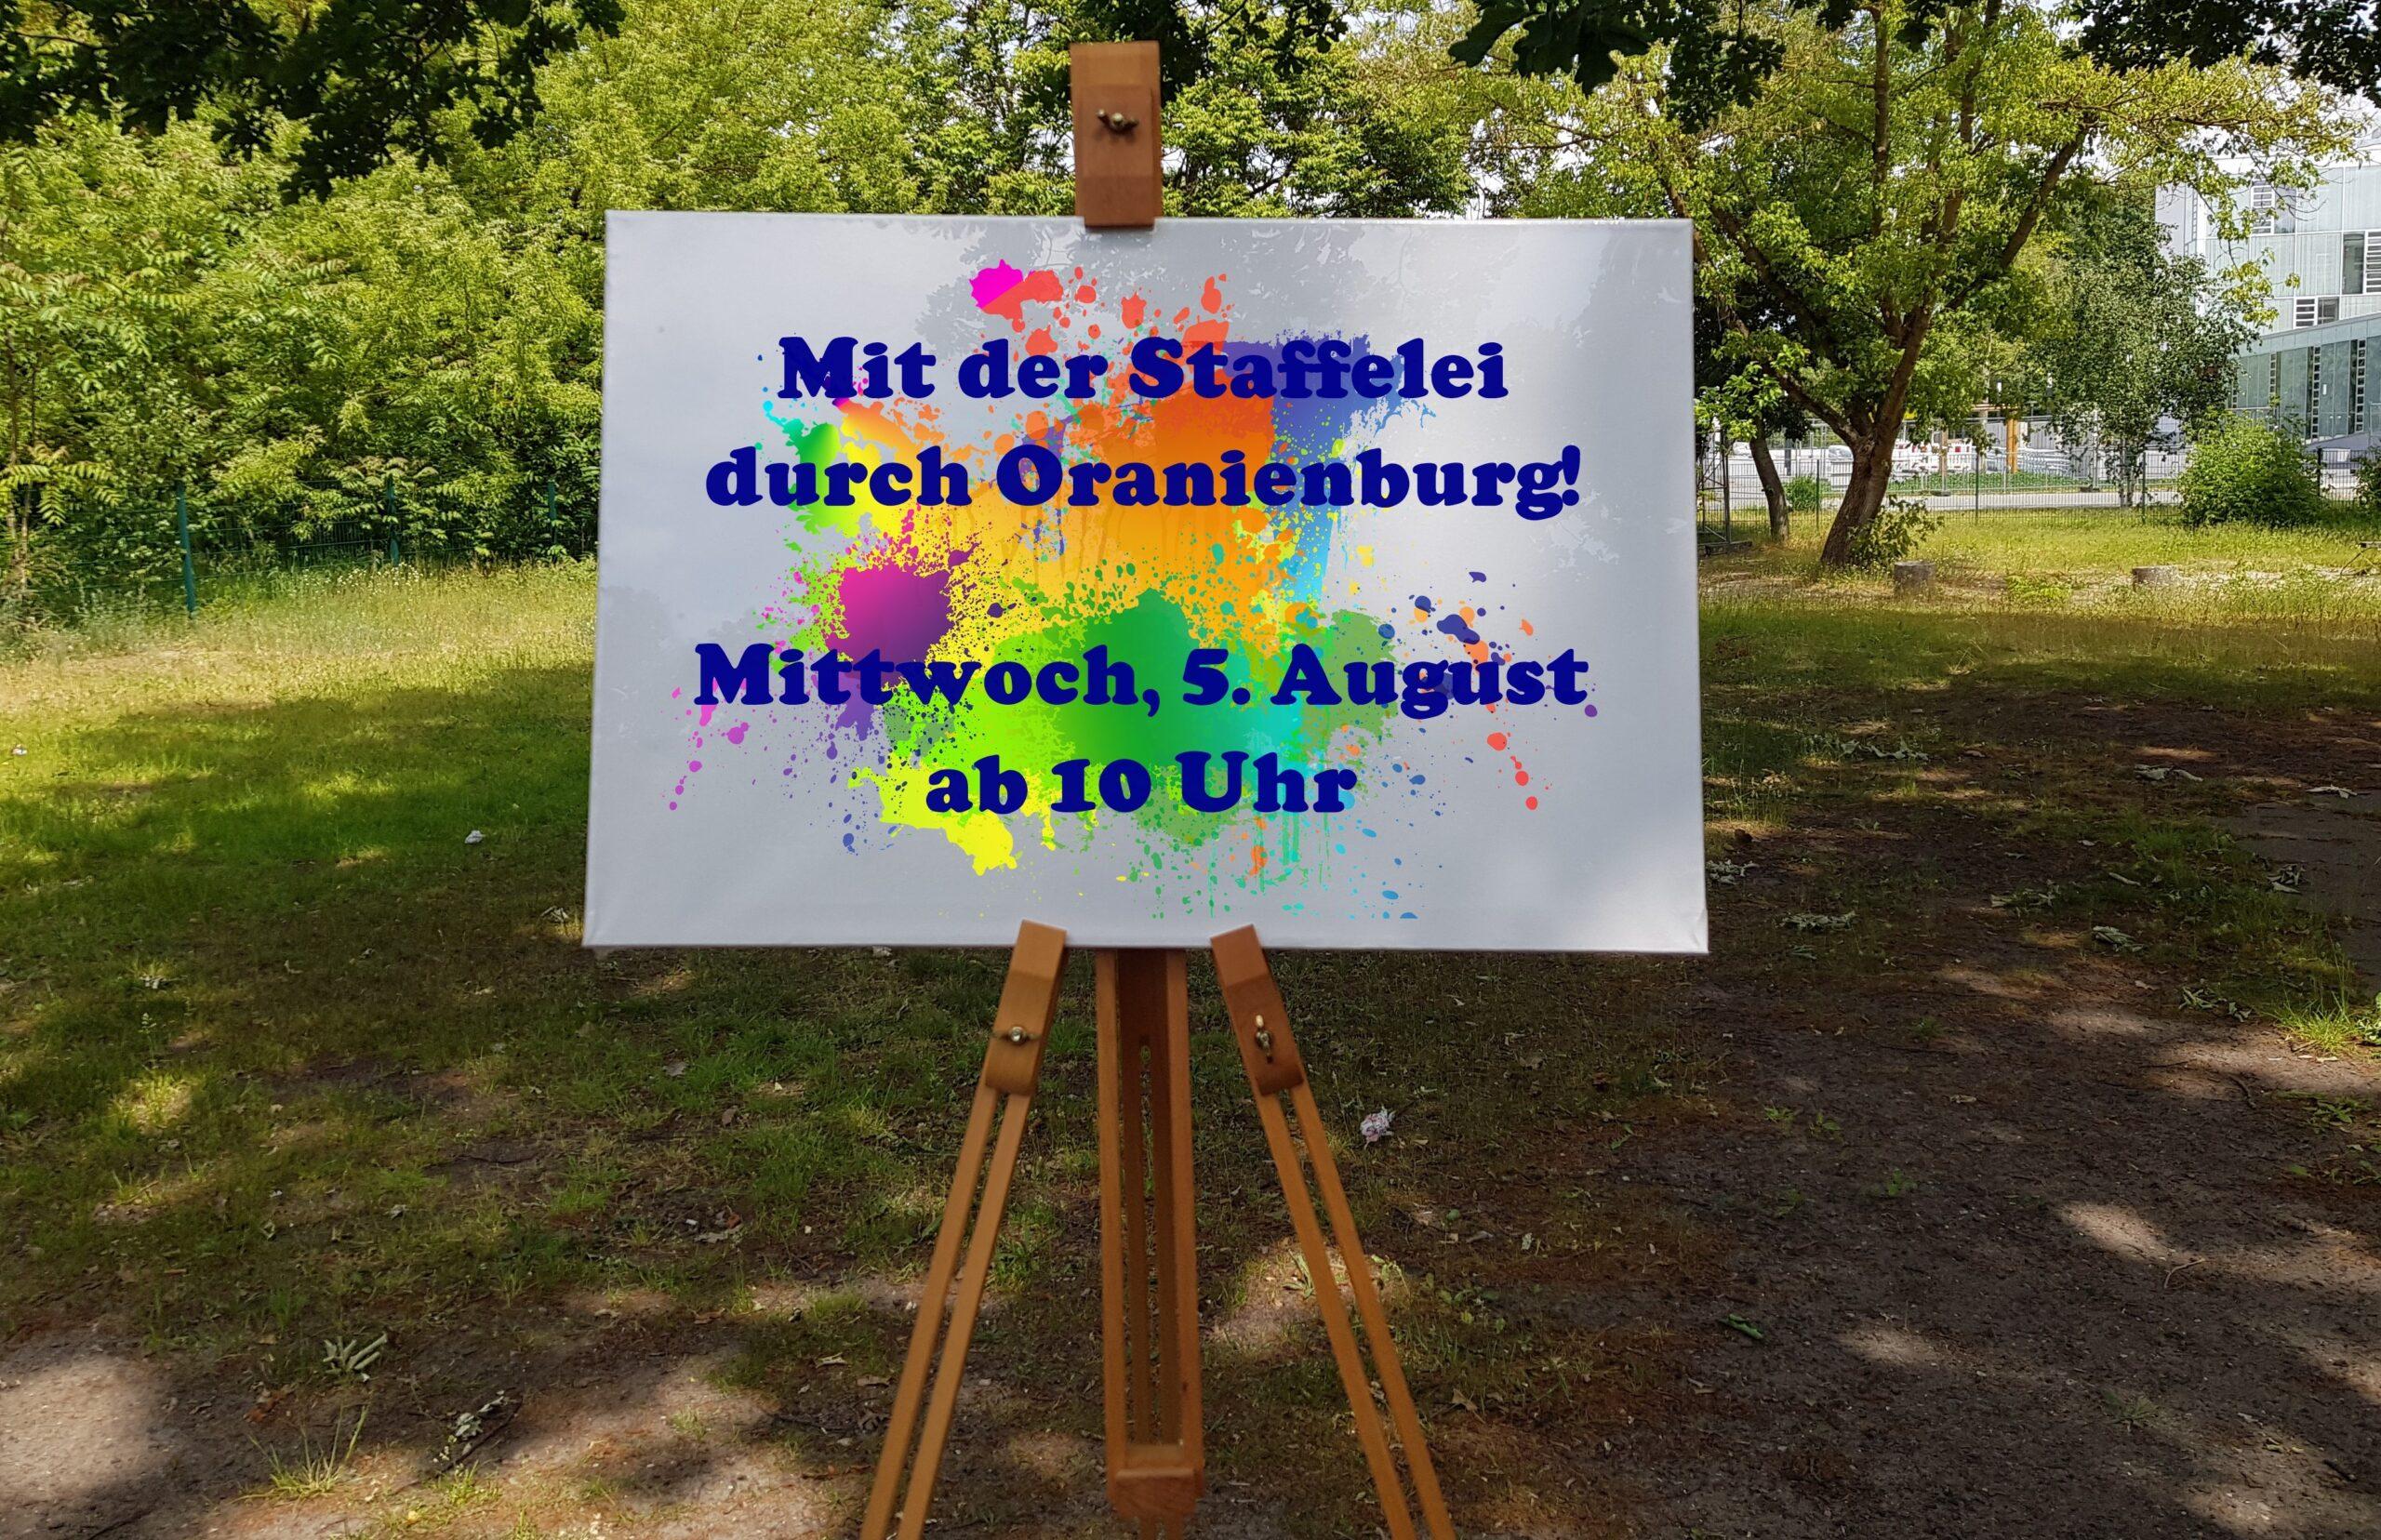 Ferienaktion/ Mit der Staffelei durch Oranienburg